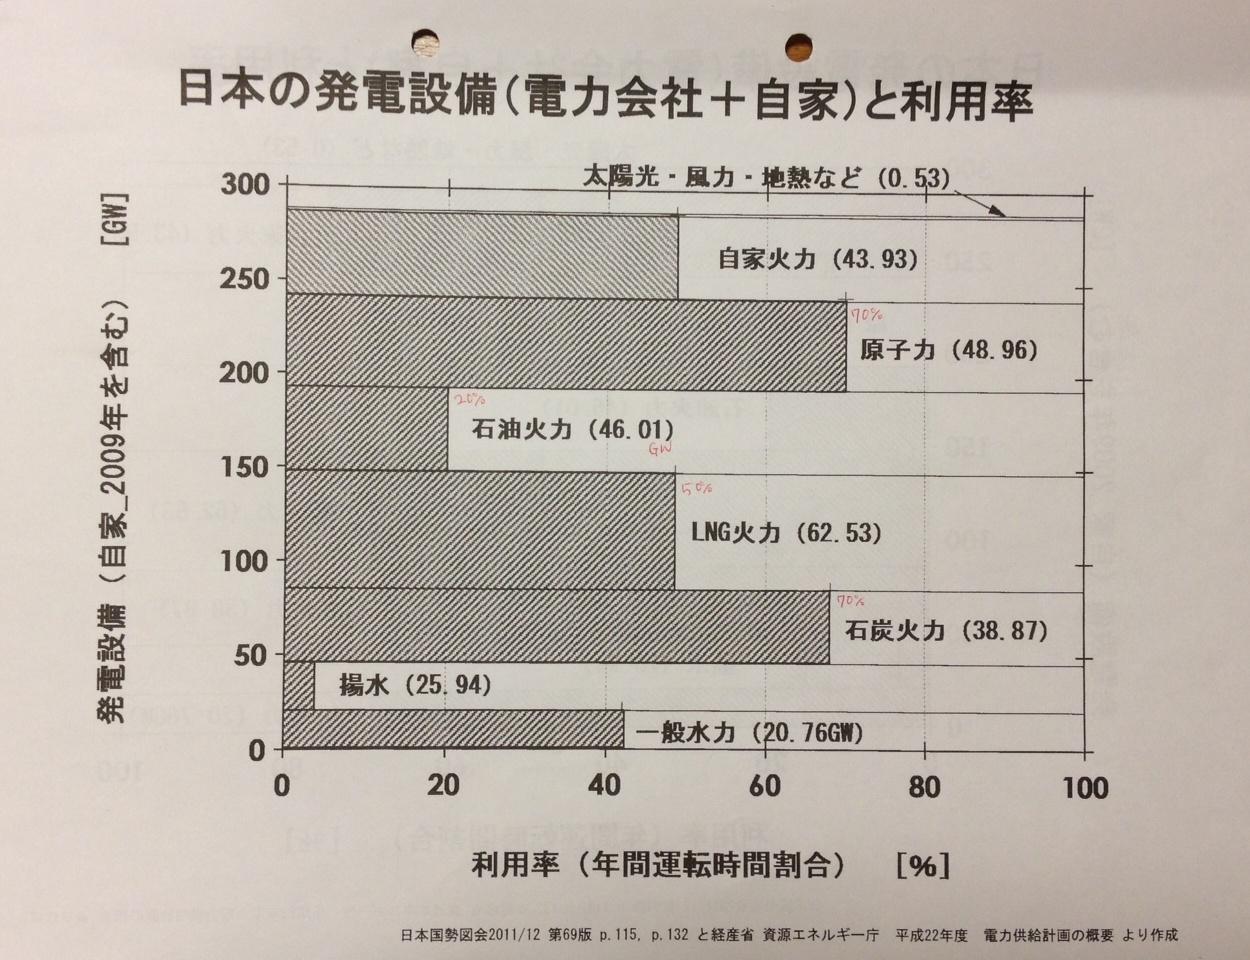 オイコスフォーラム連続セミナー 第3期その5 日本の発電設備能力_b0274159_2219036.jpg